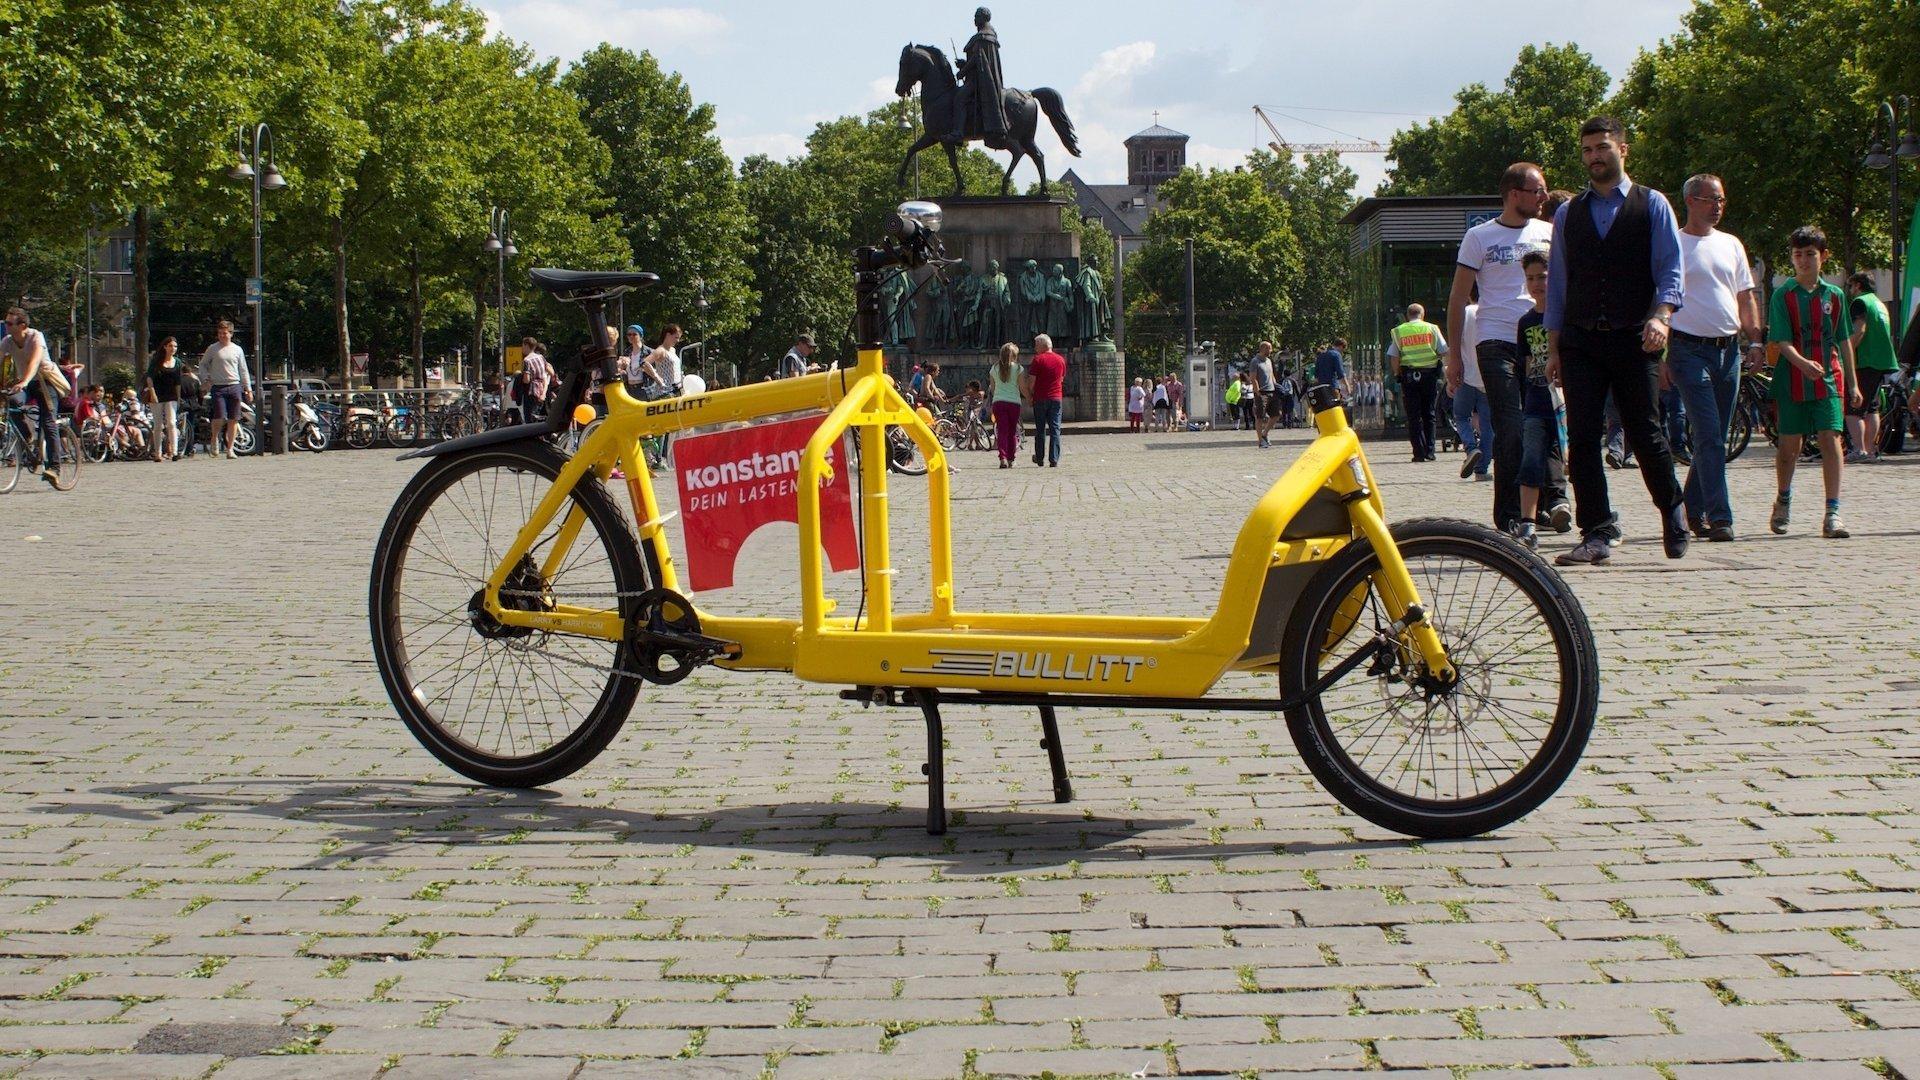 Das gelbe Lastenrad hat nur zwei Räder und fährt sich wie ein herkömmliches Fahrrad. Die Last kann vor dem Lenker befestigt werden. Es hat keine Box.